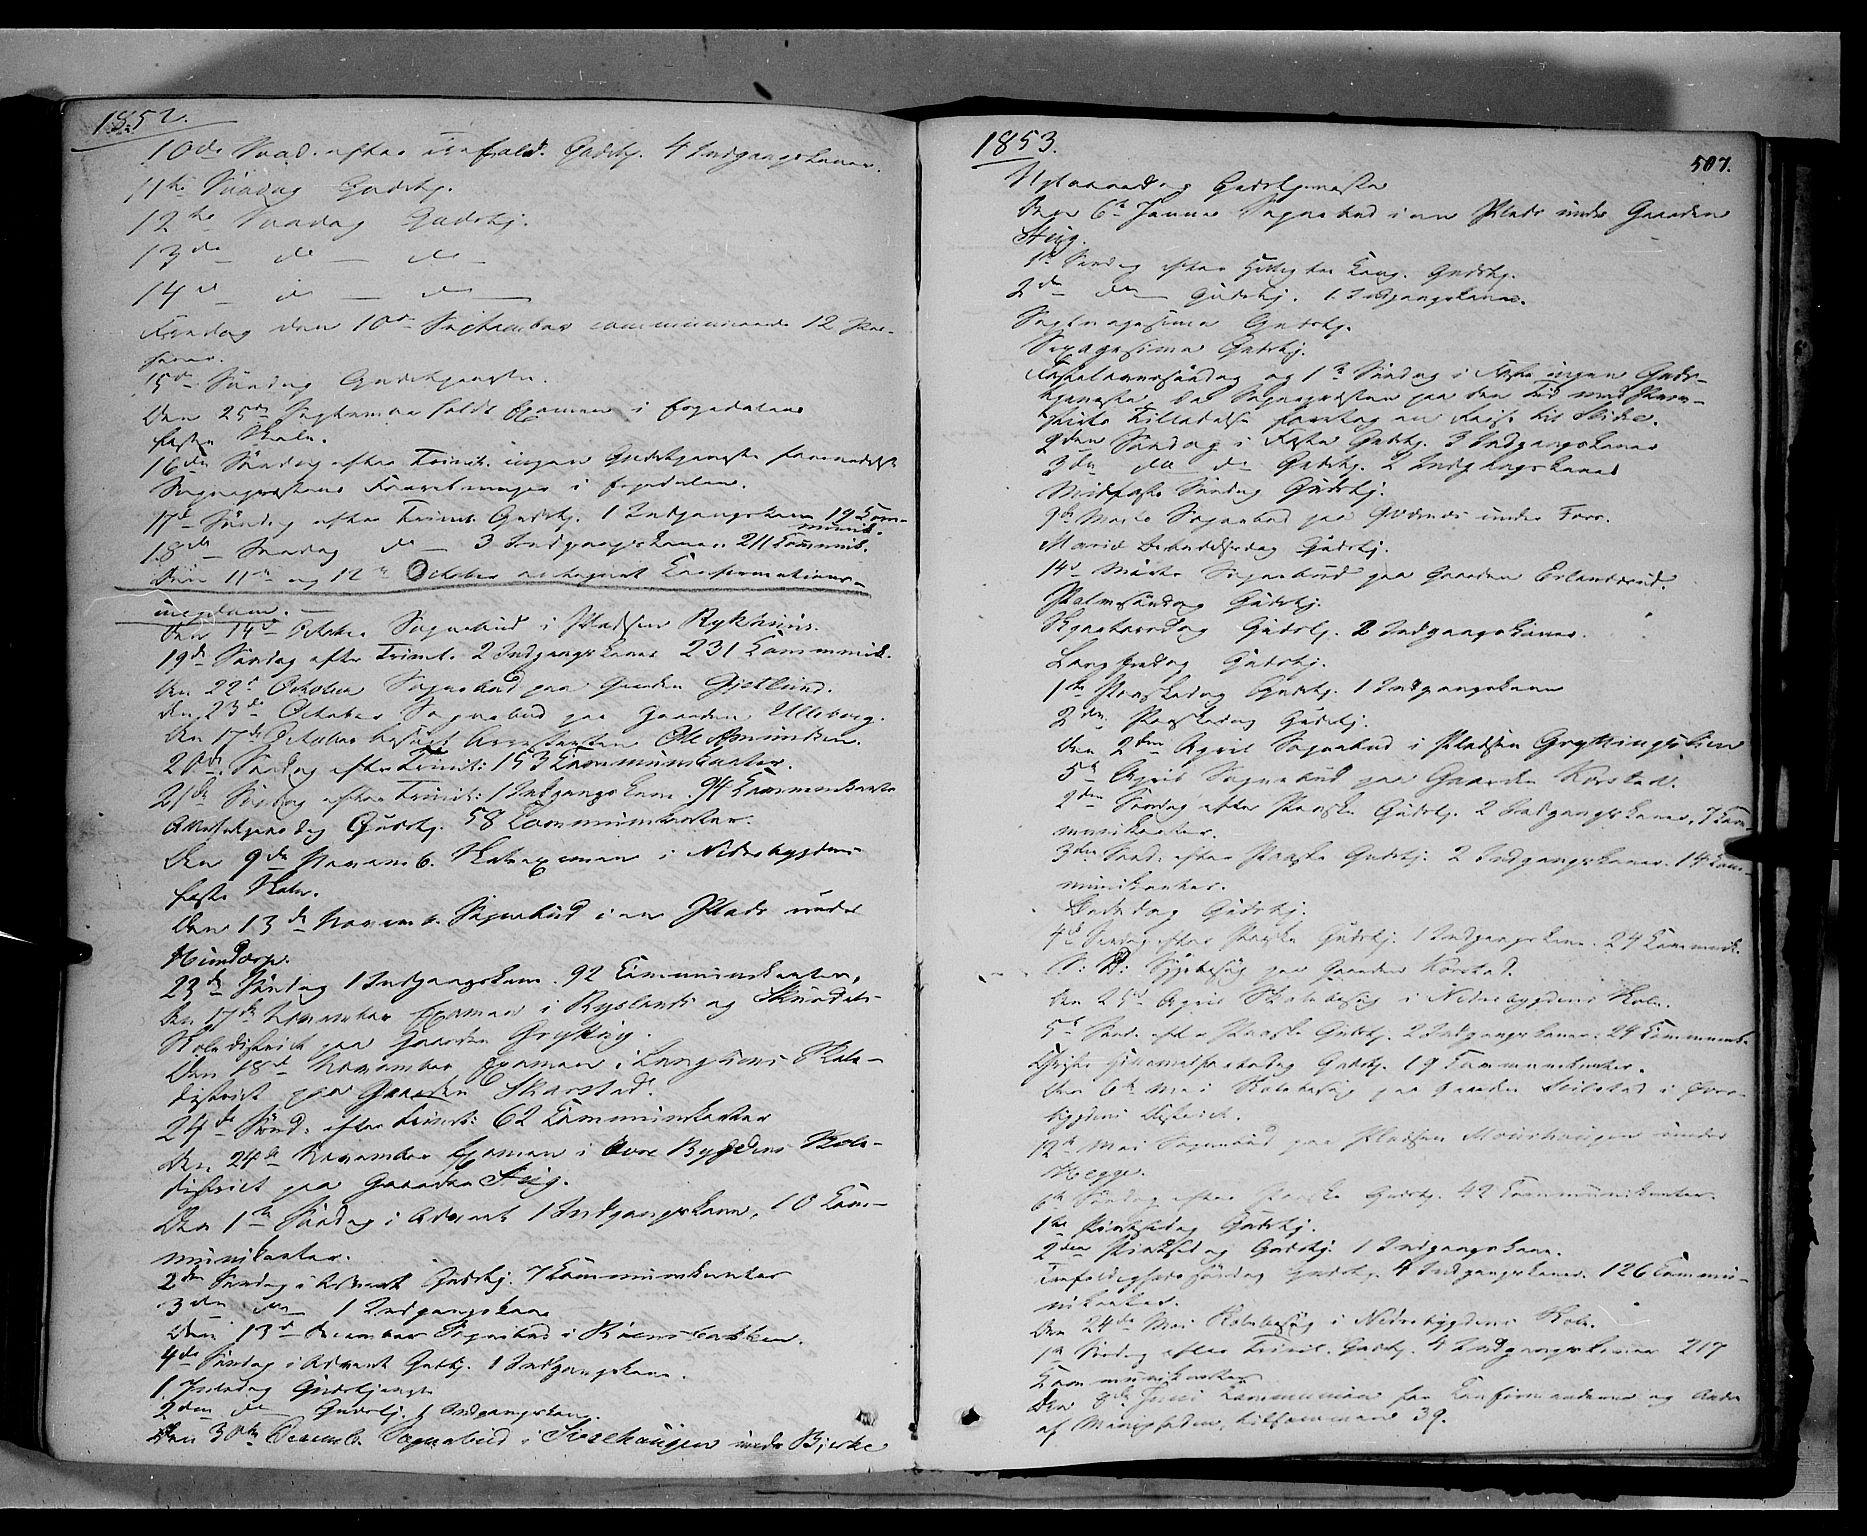 SAH, Sør-Fron prestekontor, H/Ha/Haa/L0001: Ministerialbok nr. 1, 1849-1863, s. 507